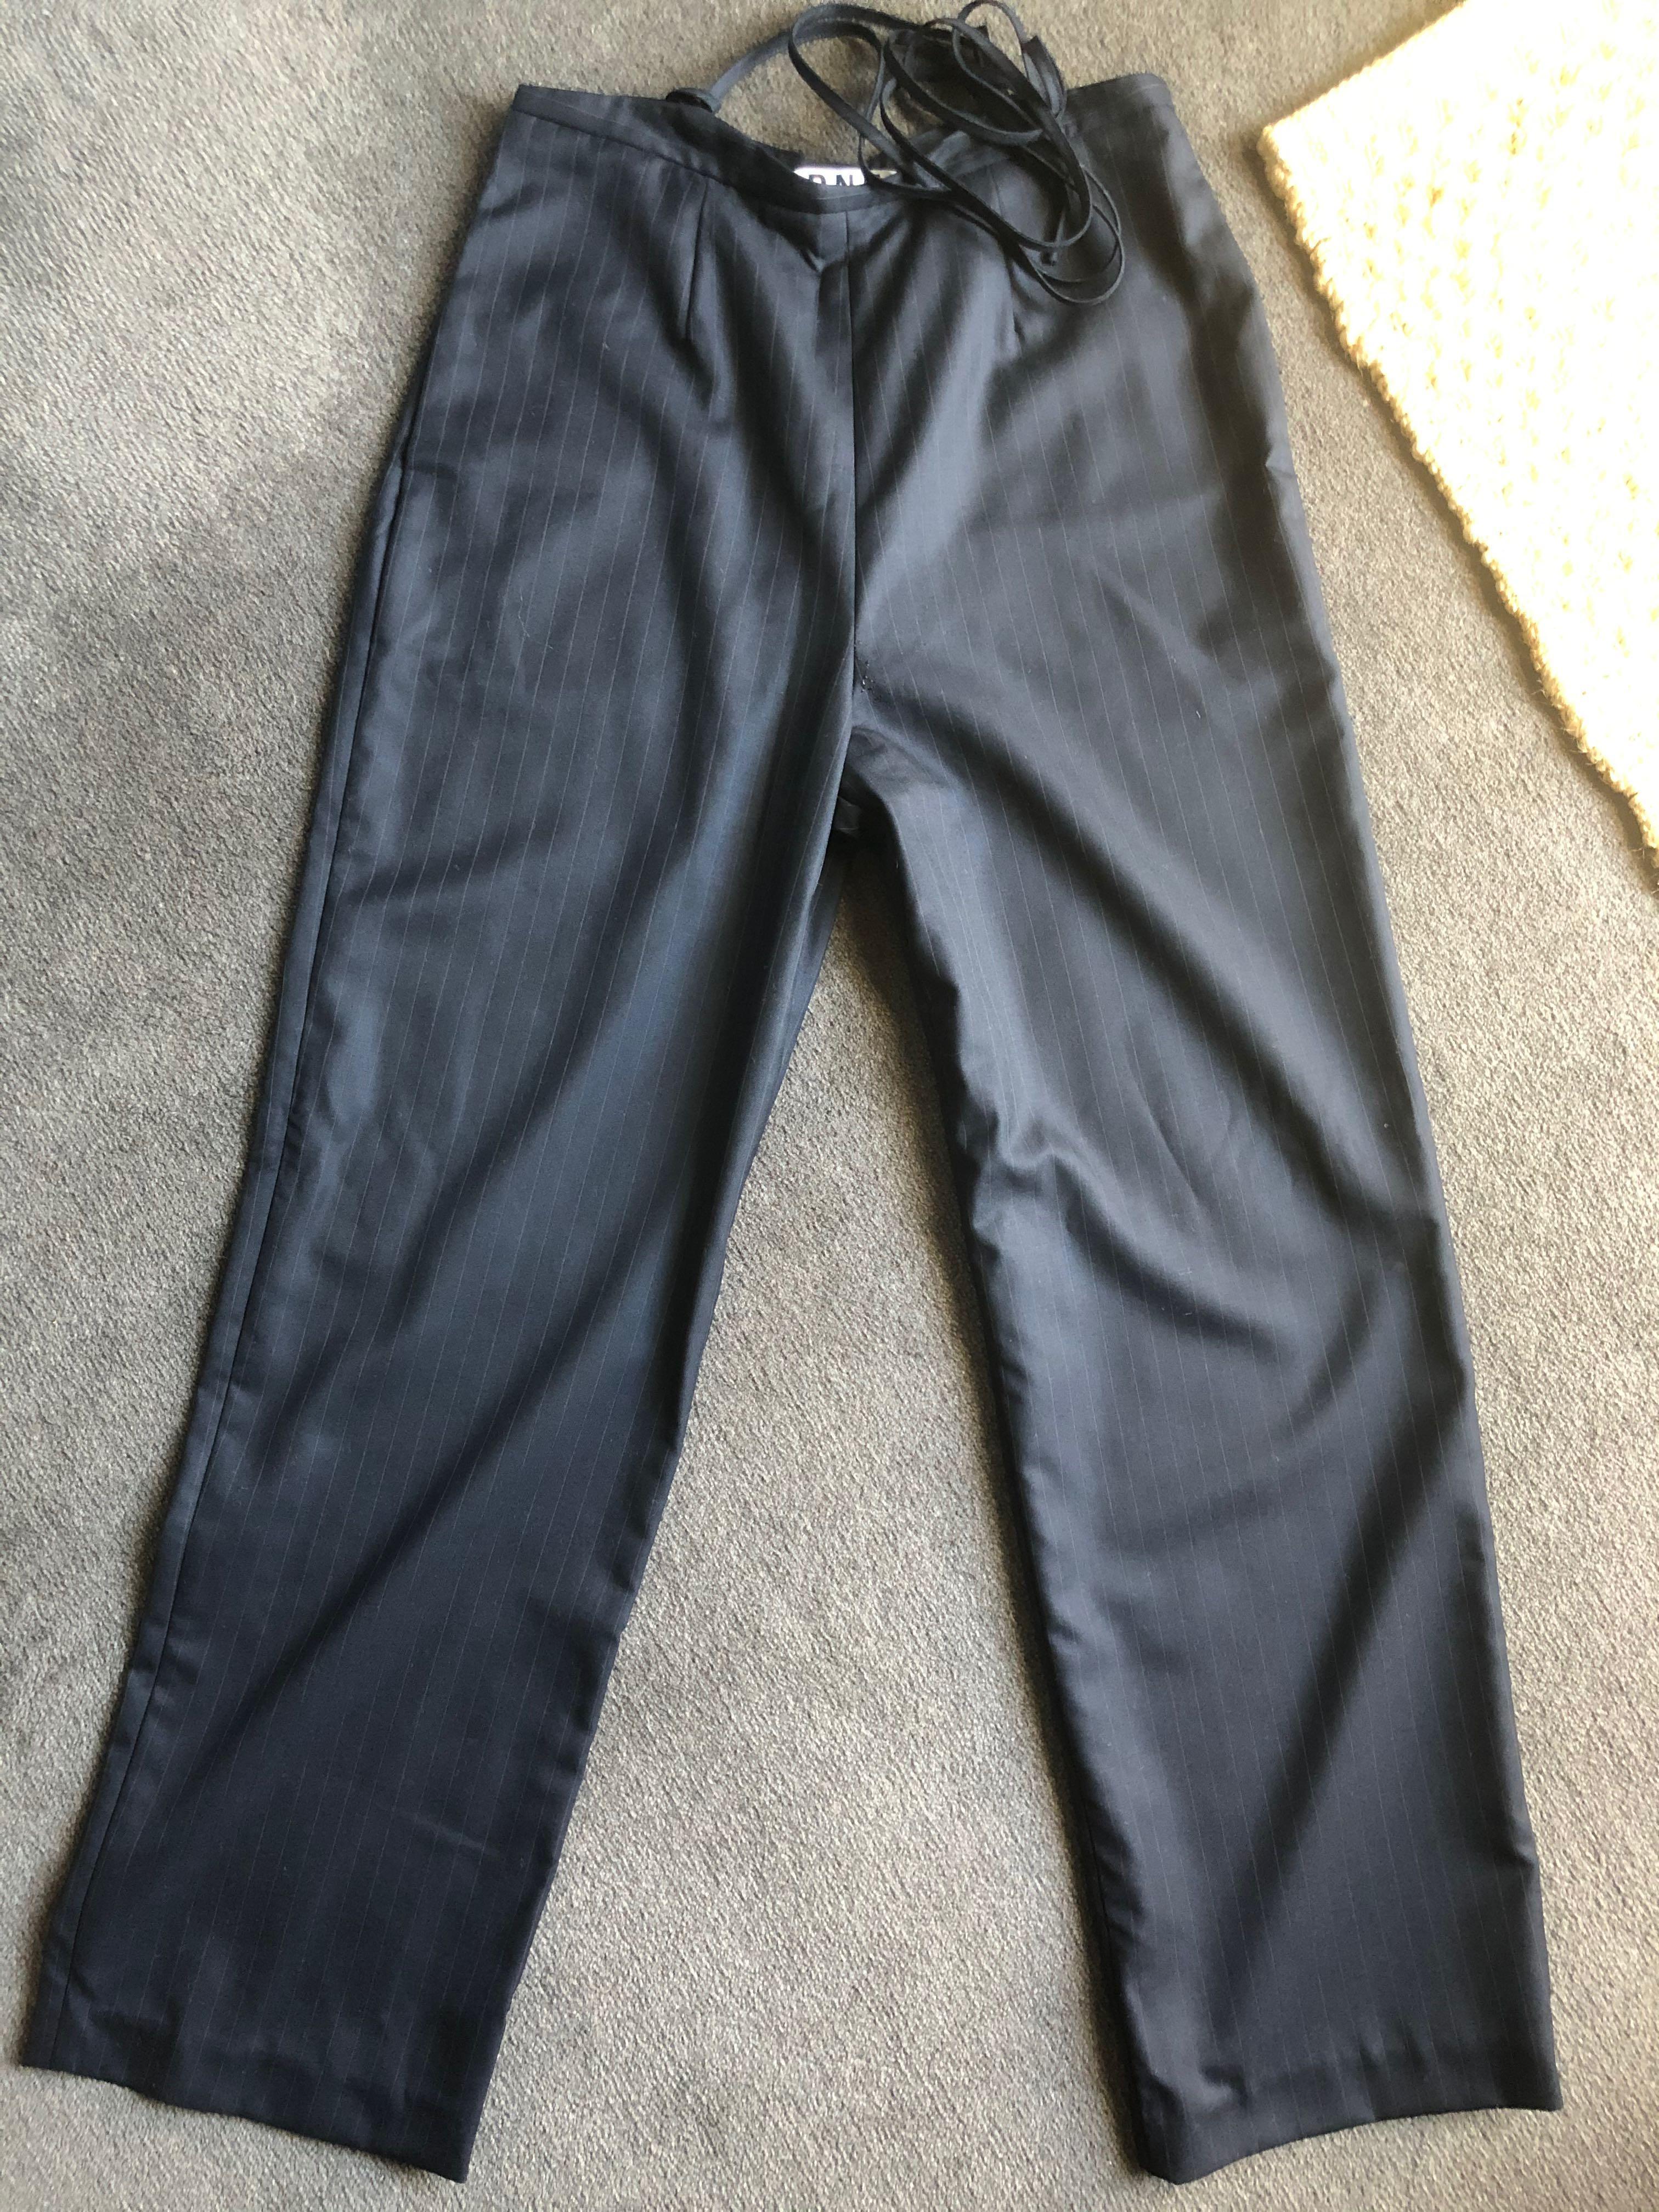 Verner dark navy pinstripe suspender style pants size XS